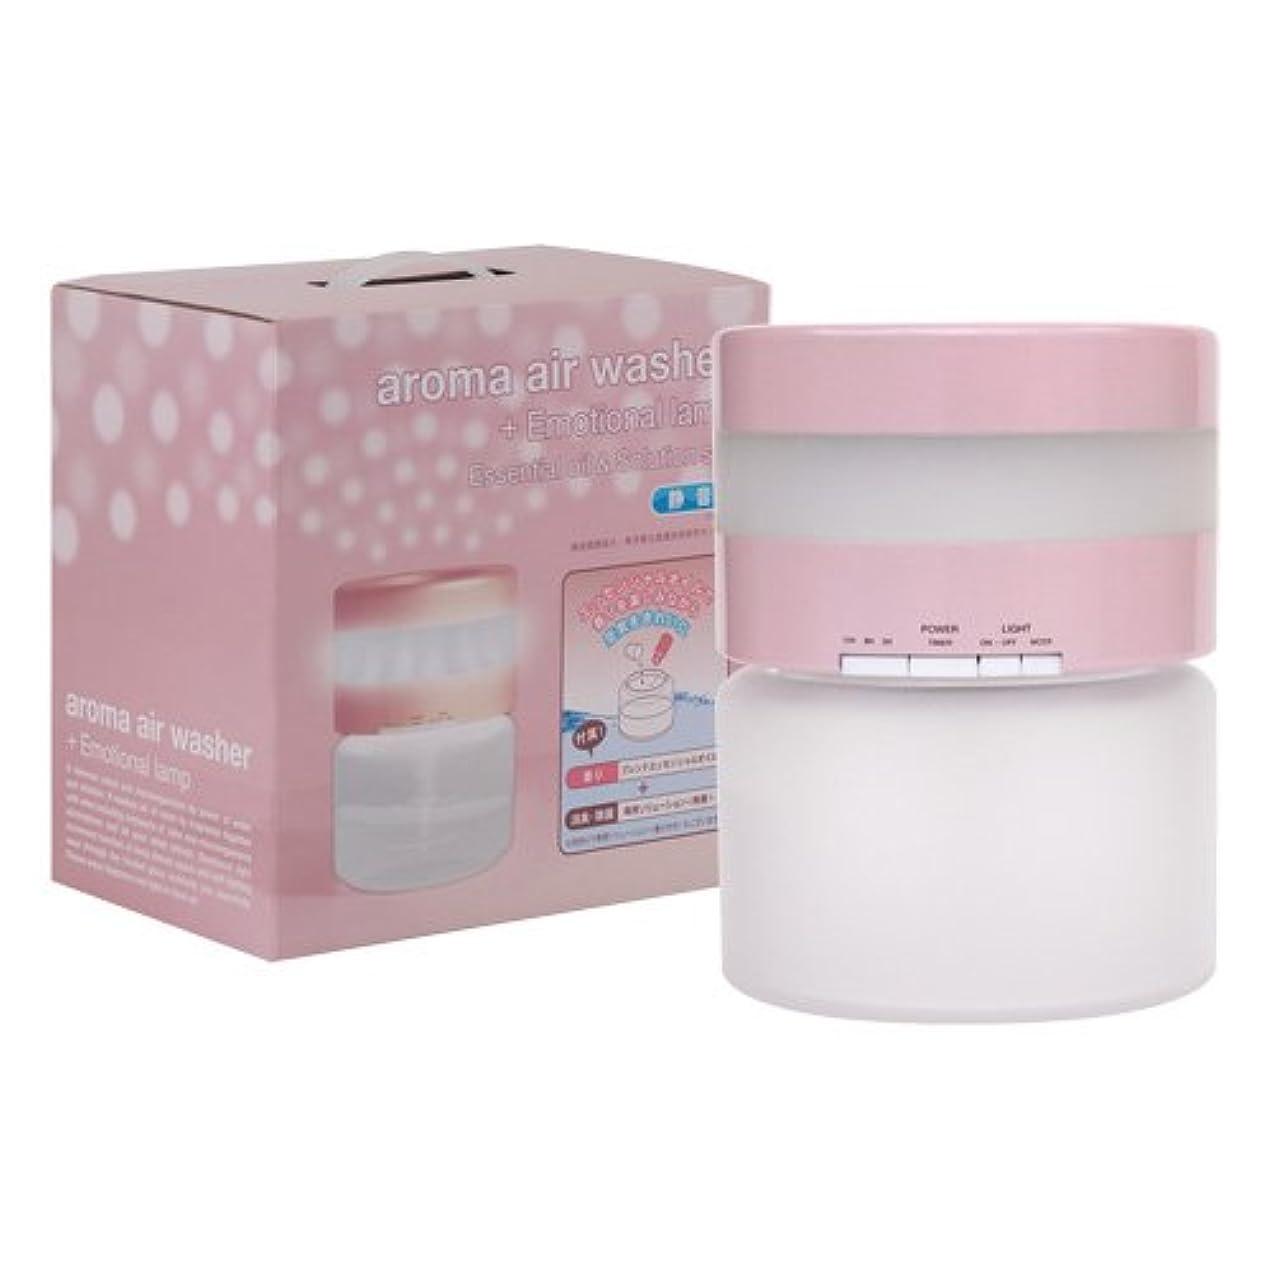 サーカス拒絶リンス空気洗浄器 アロマエアウォッシャー + エモーショナルランプ ピンク